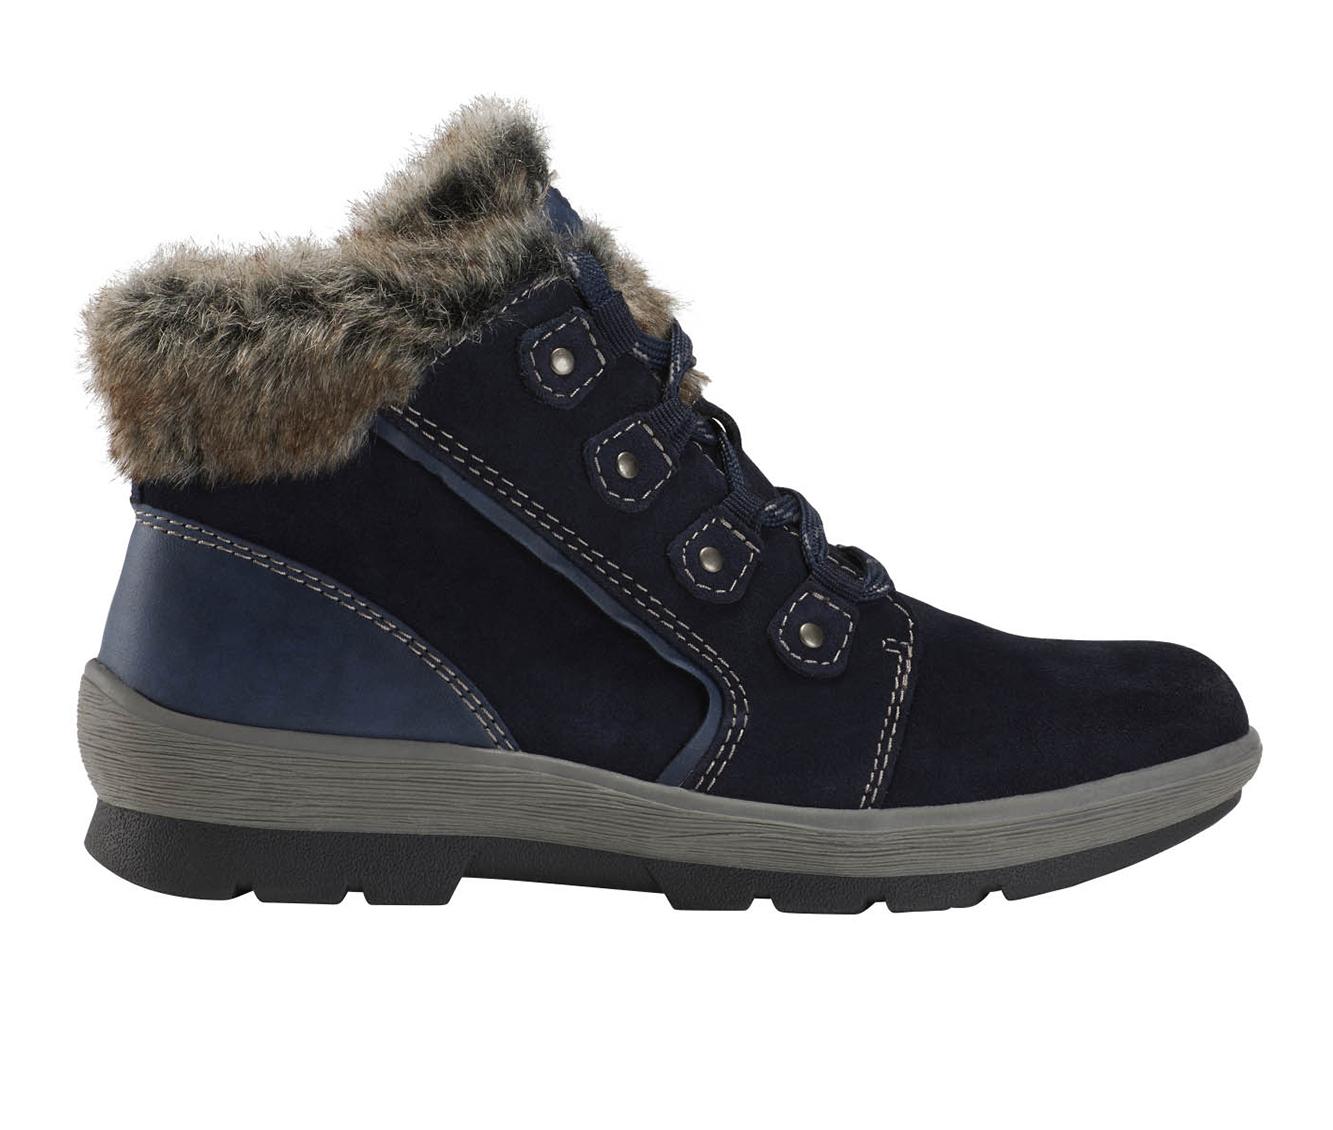 Earth Origins Sherpa Scarlett Women's Boots (Blue - Suede)